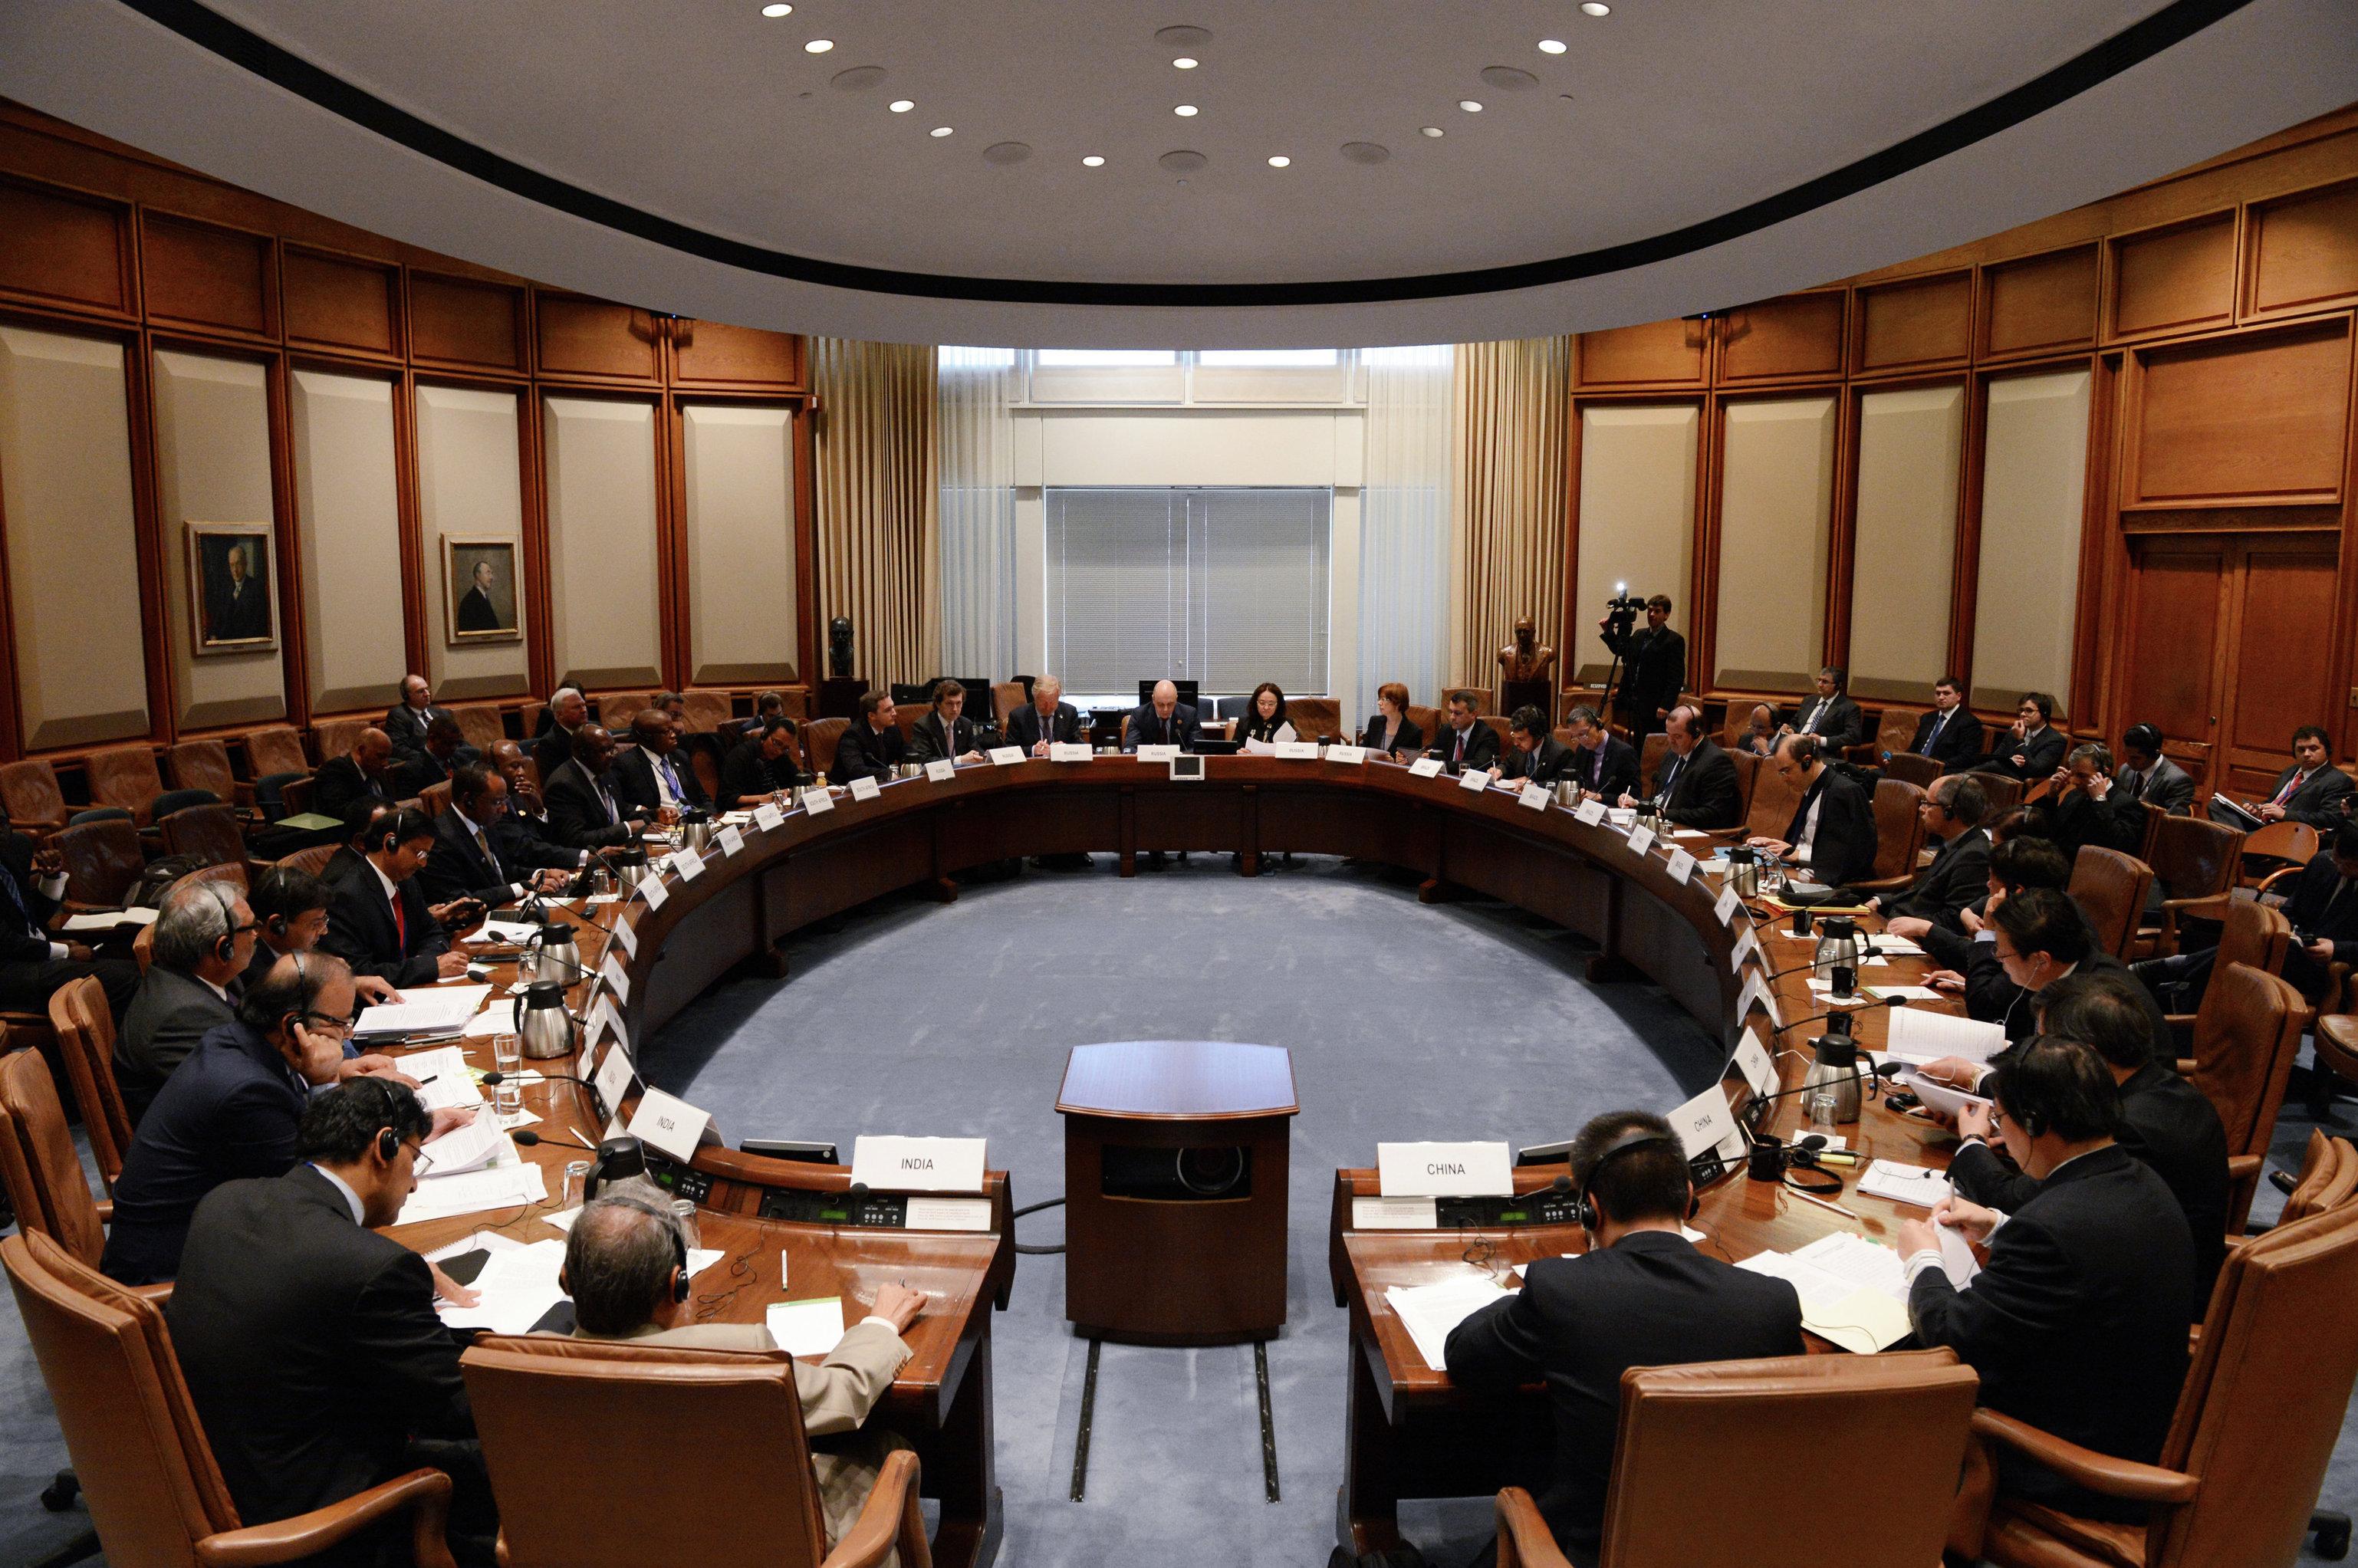 اجتماع وزراء مالية دول مجموعة بريكس ورؤساء البنوك المركزية